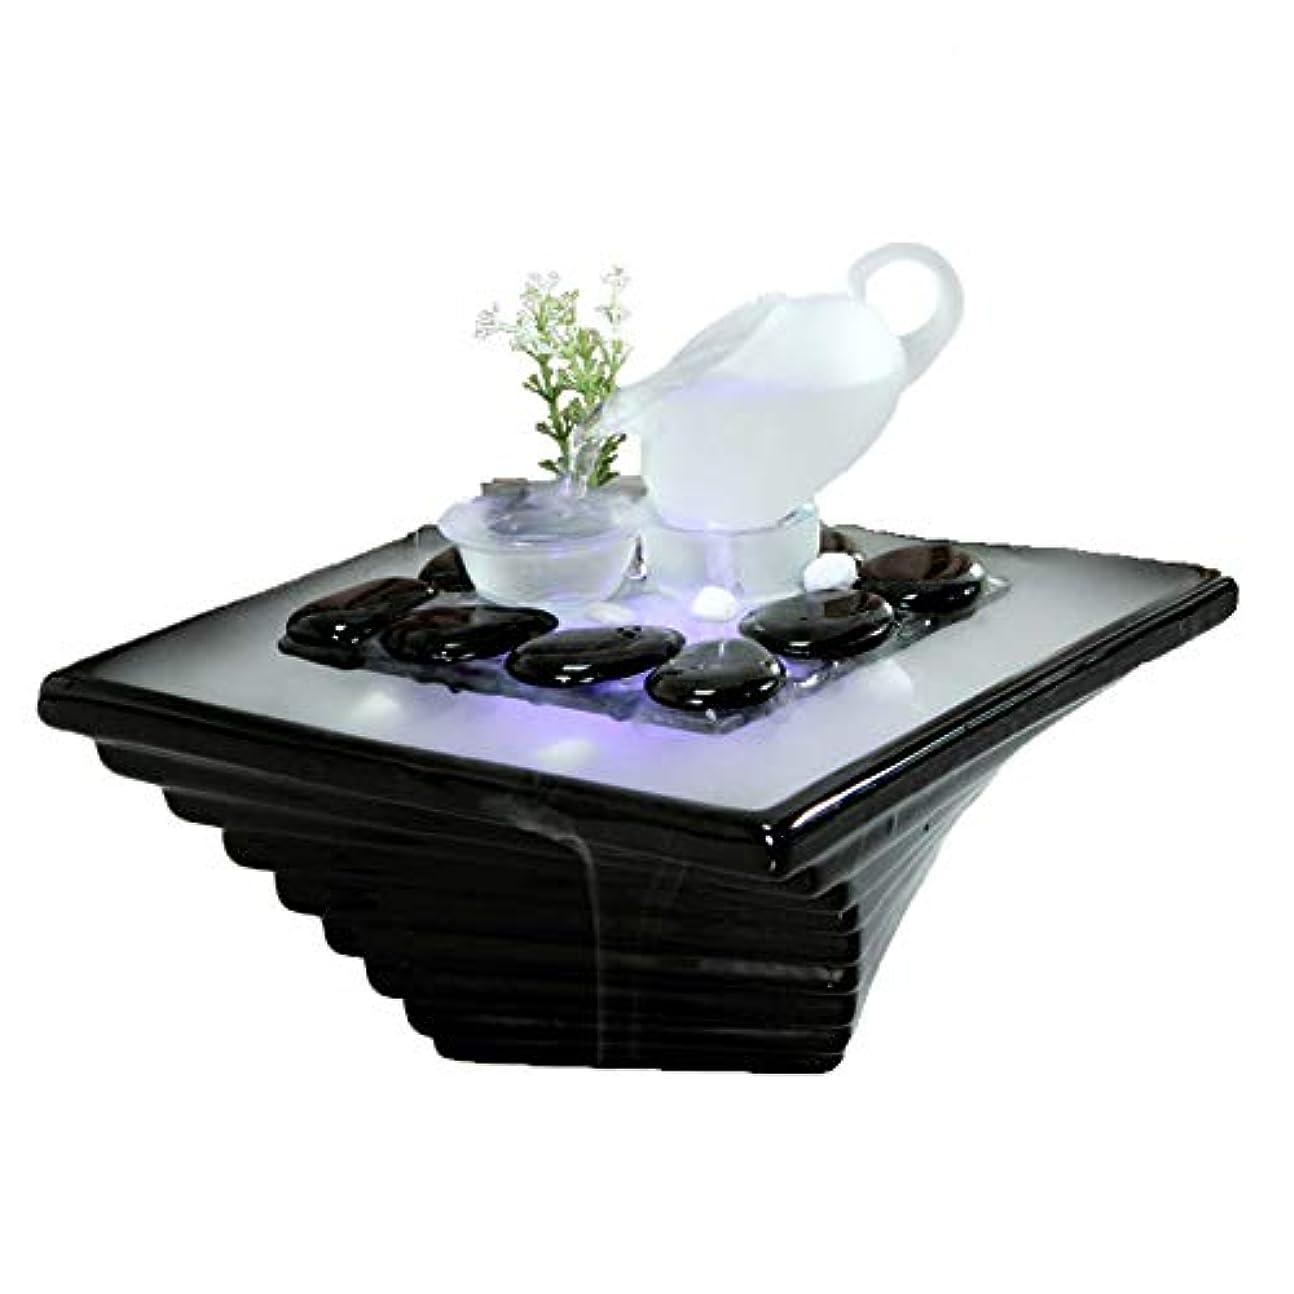 おいしい暫定浸漬エッセンシャルオイルディフューザー空気加湿器セラミッククラフトクリエイティブホームデスクトップ装飾アロマセラピー絶妙なギフト,Black